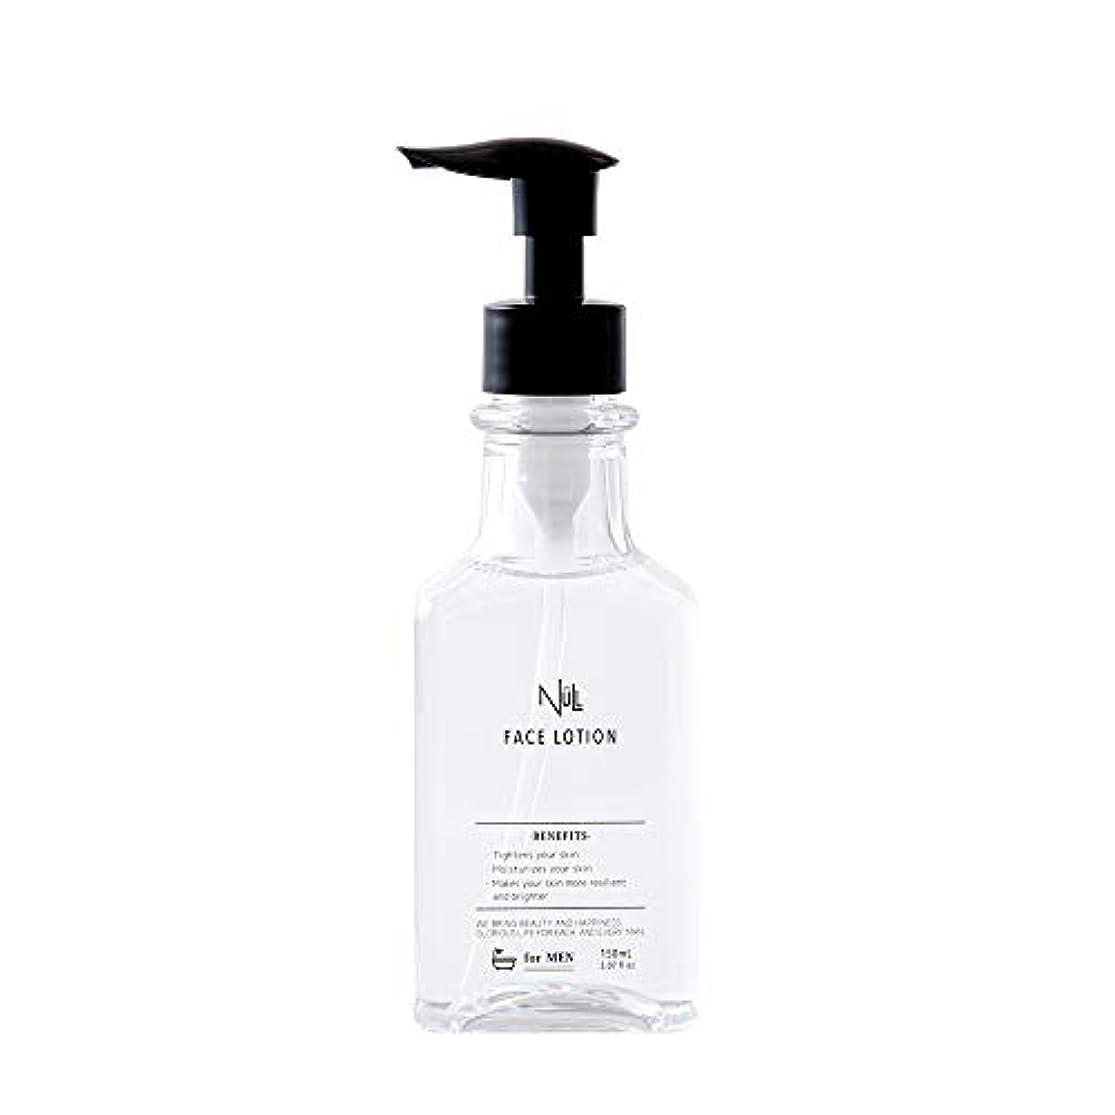 記念碑明確に先生NULL 化粧水 メンズ フェイスローション(乾燥肌 敏感肌 に エイジングケア化粧水)(独自 浸透 技術で スッと 潤う)(カミソリ負け や ひげそり 後のアフターケアもできる 低刺激 処方)高保湿化粧水 導入化粧水(...